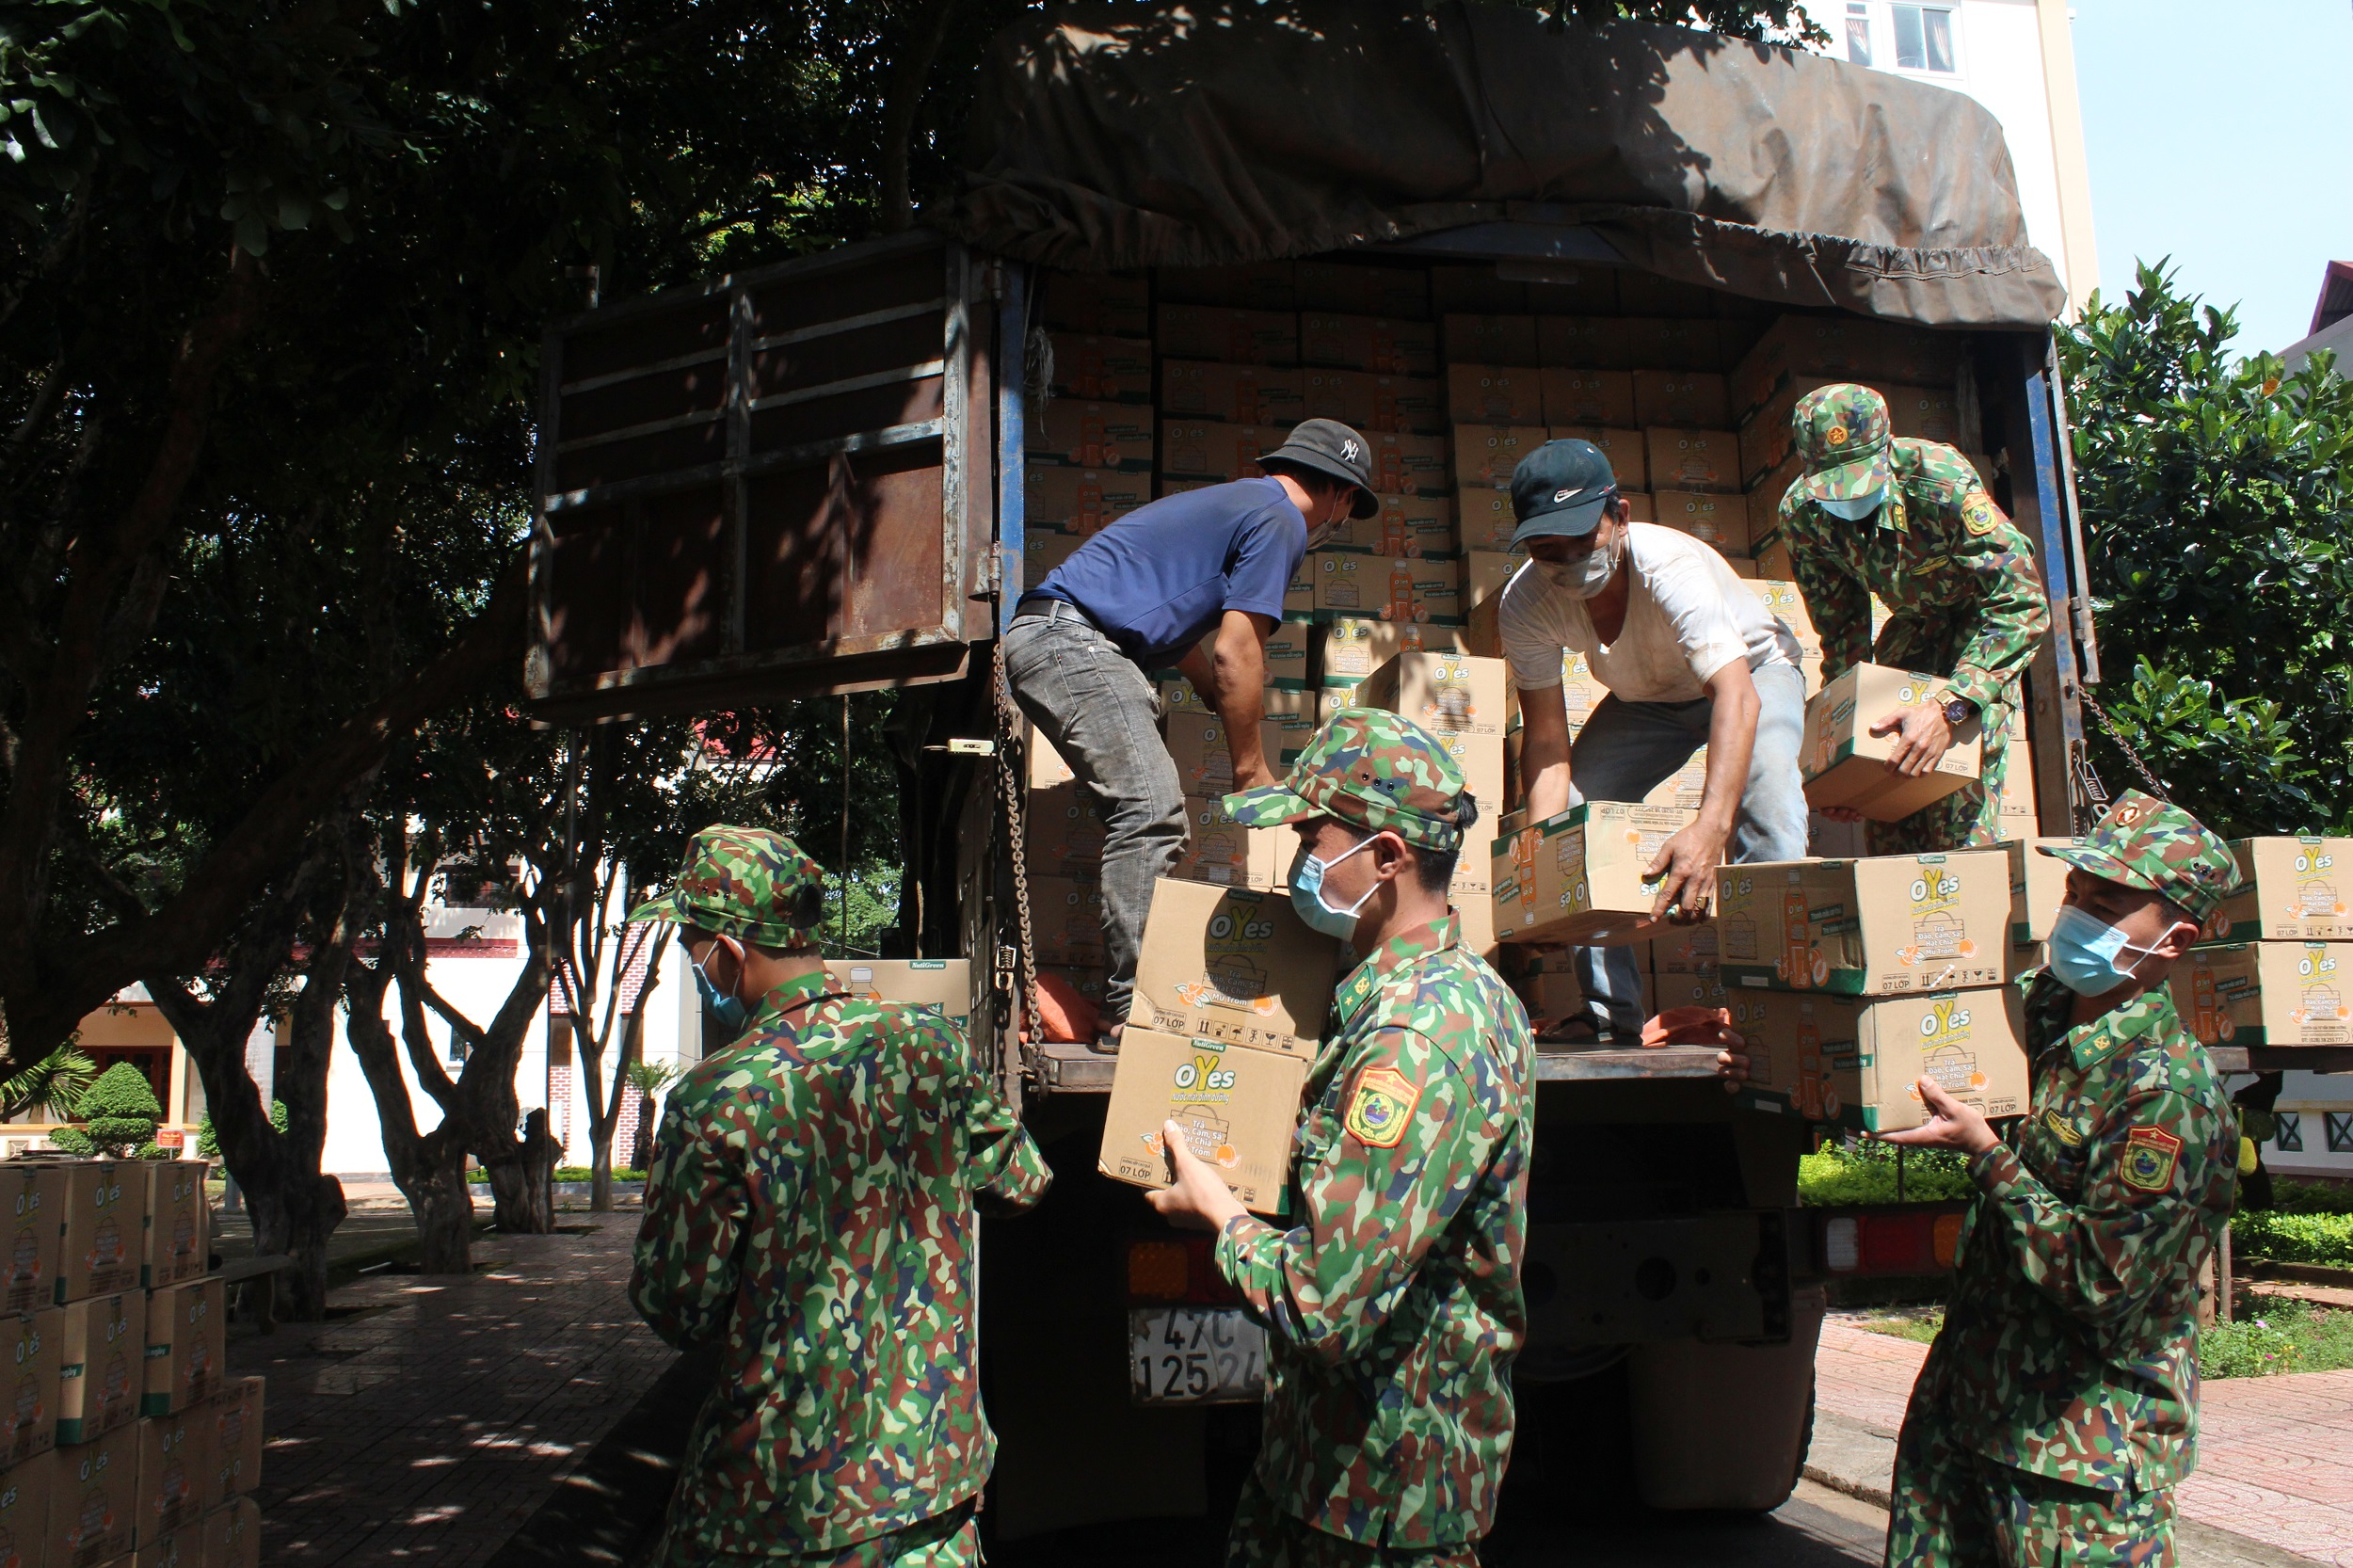 Trao tặng Bộ đội Biên phòng tỉnh Đắk Lắk 1.000 thùng sản phẩm dinh dưỡng